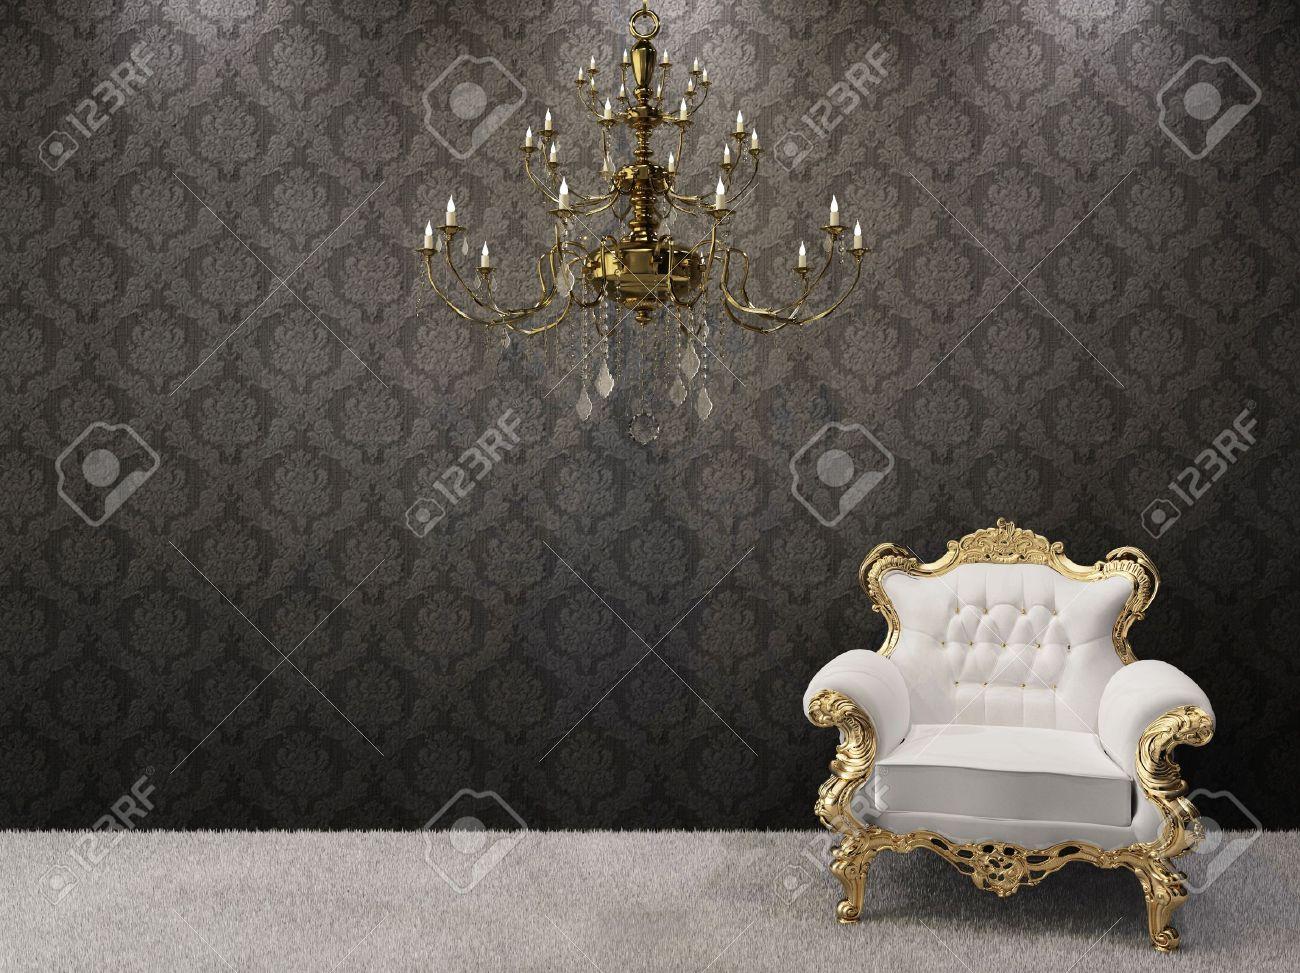 Royal Interno. Lampadario Dorato Con Lussuosa Poltrona Su Sfondo ...